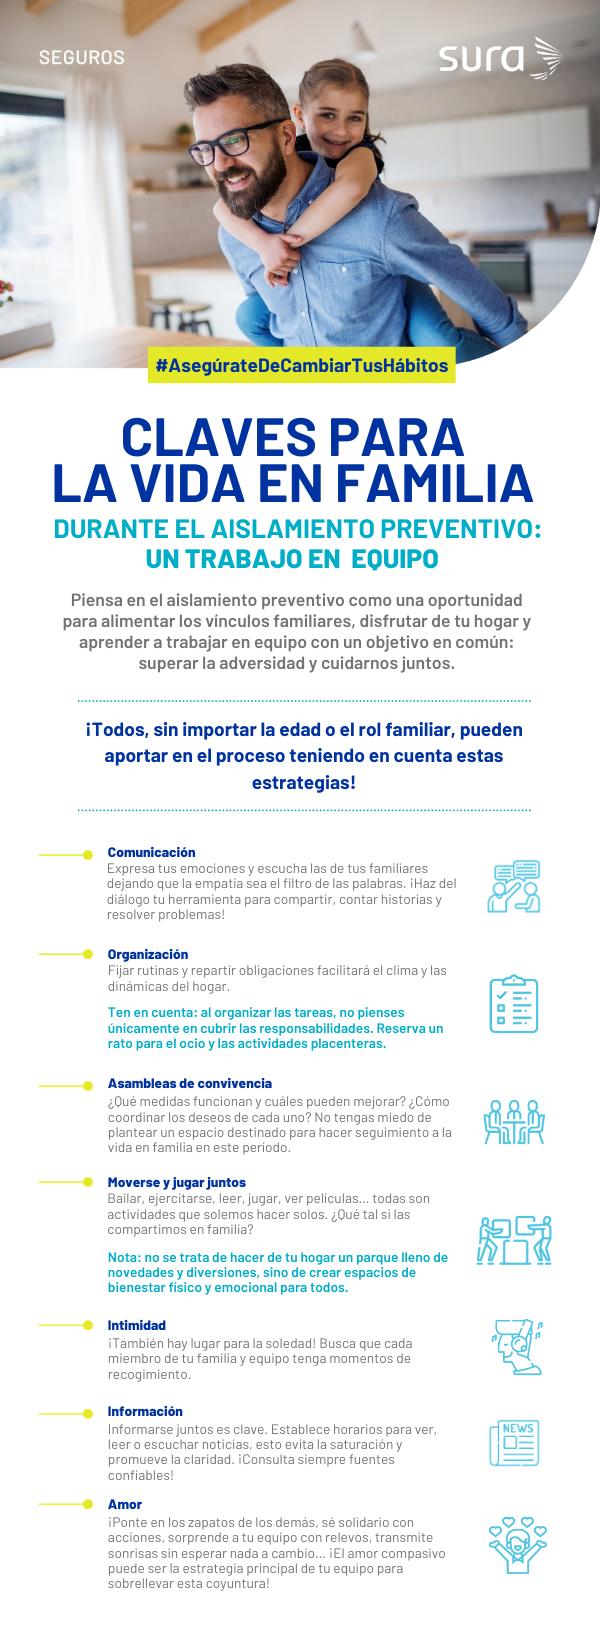 Infografía - Claves vida familia